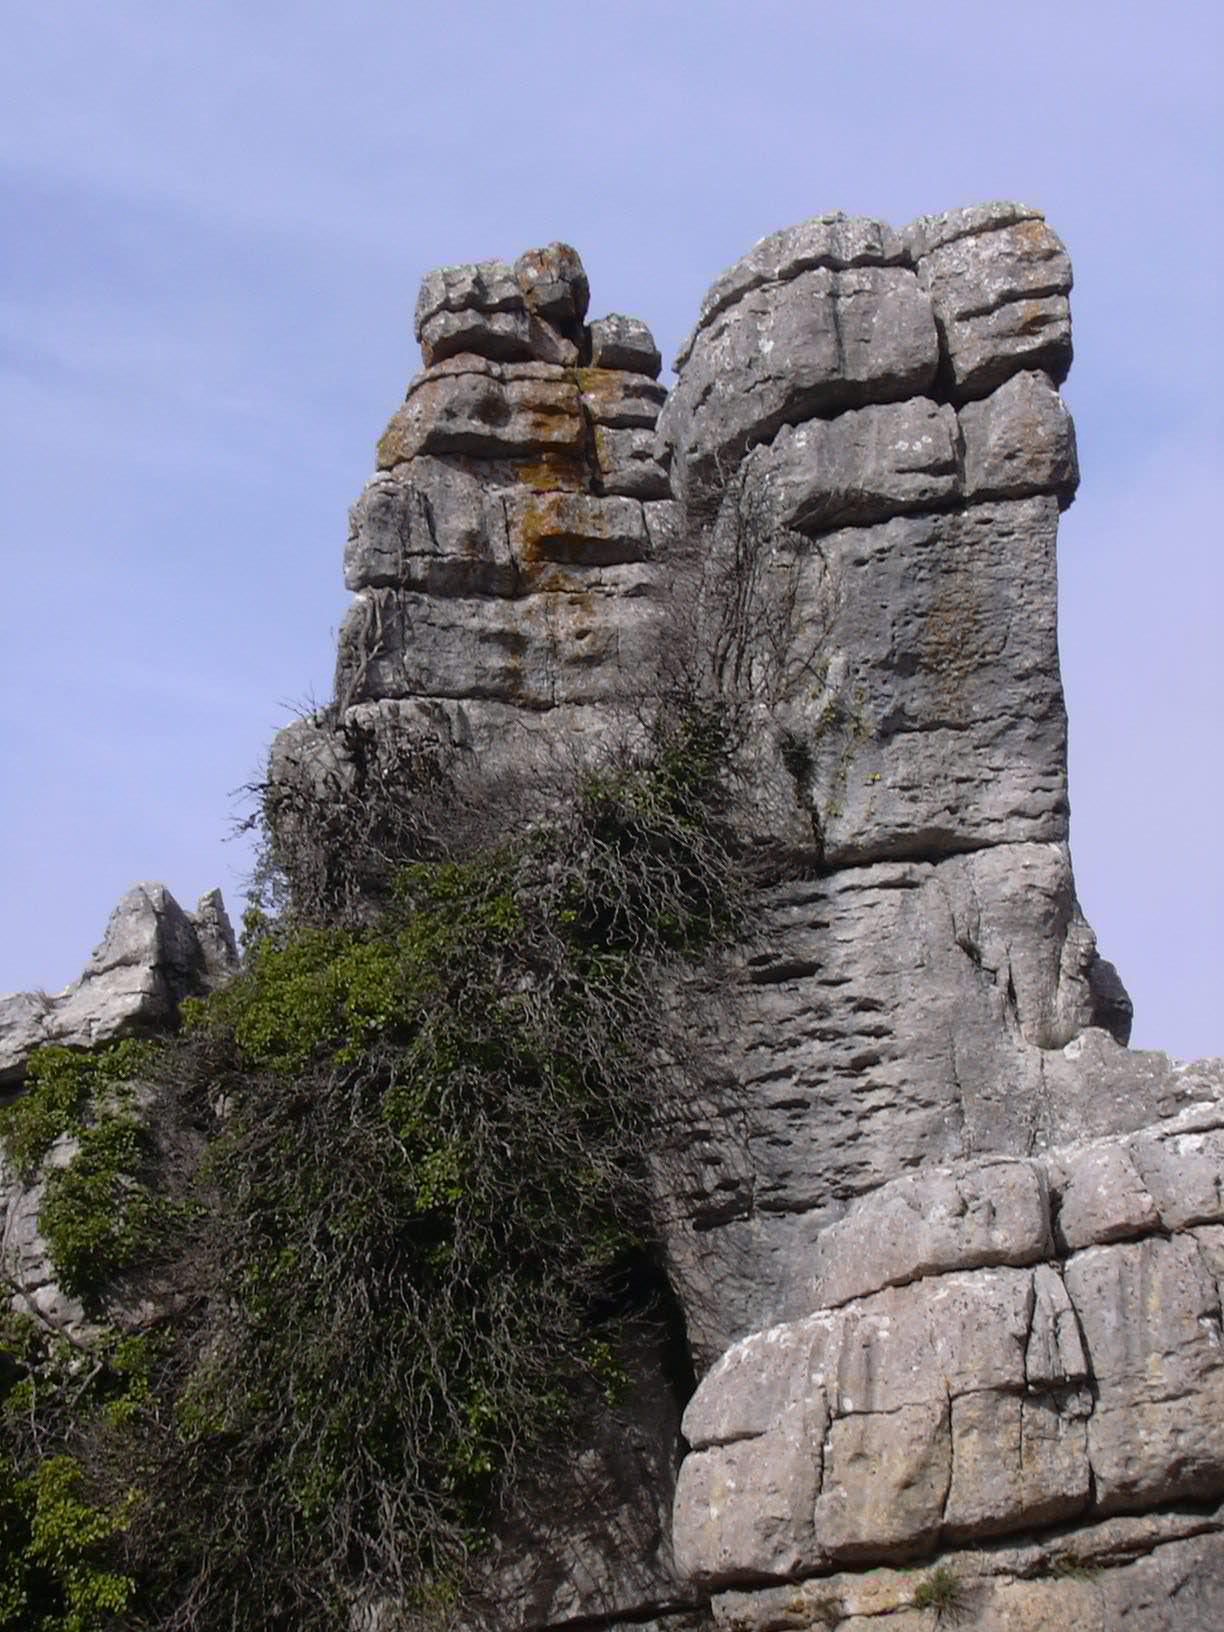 El Torcal rocks overview 16